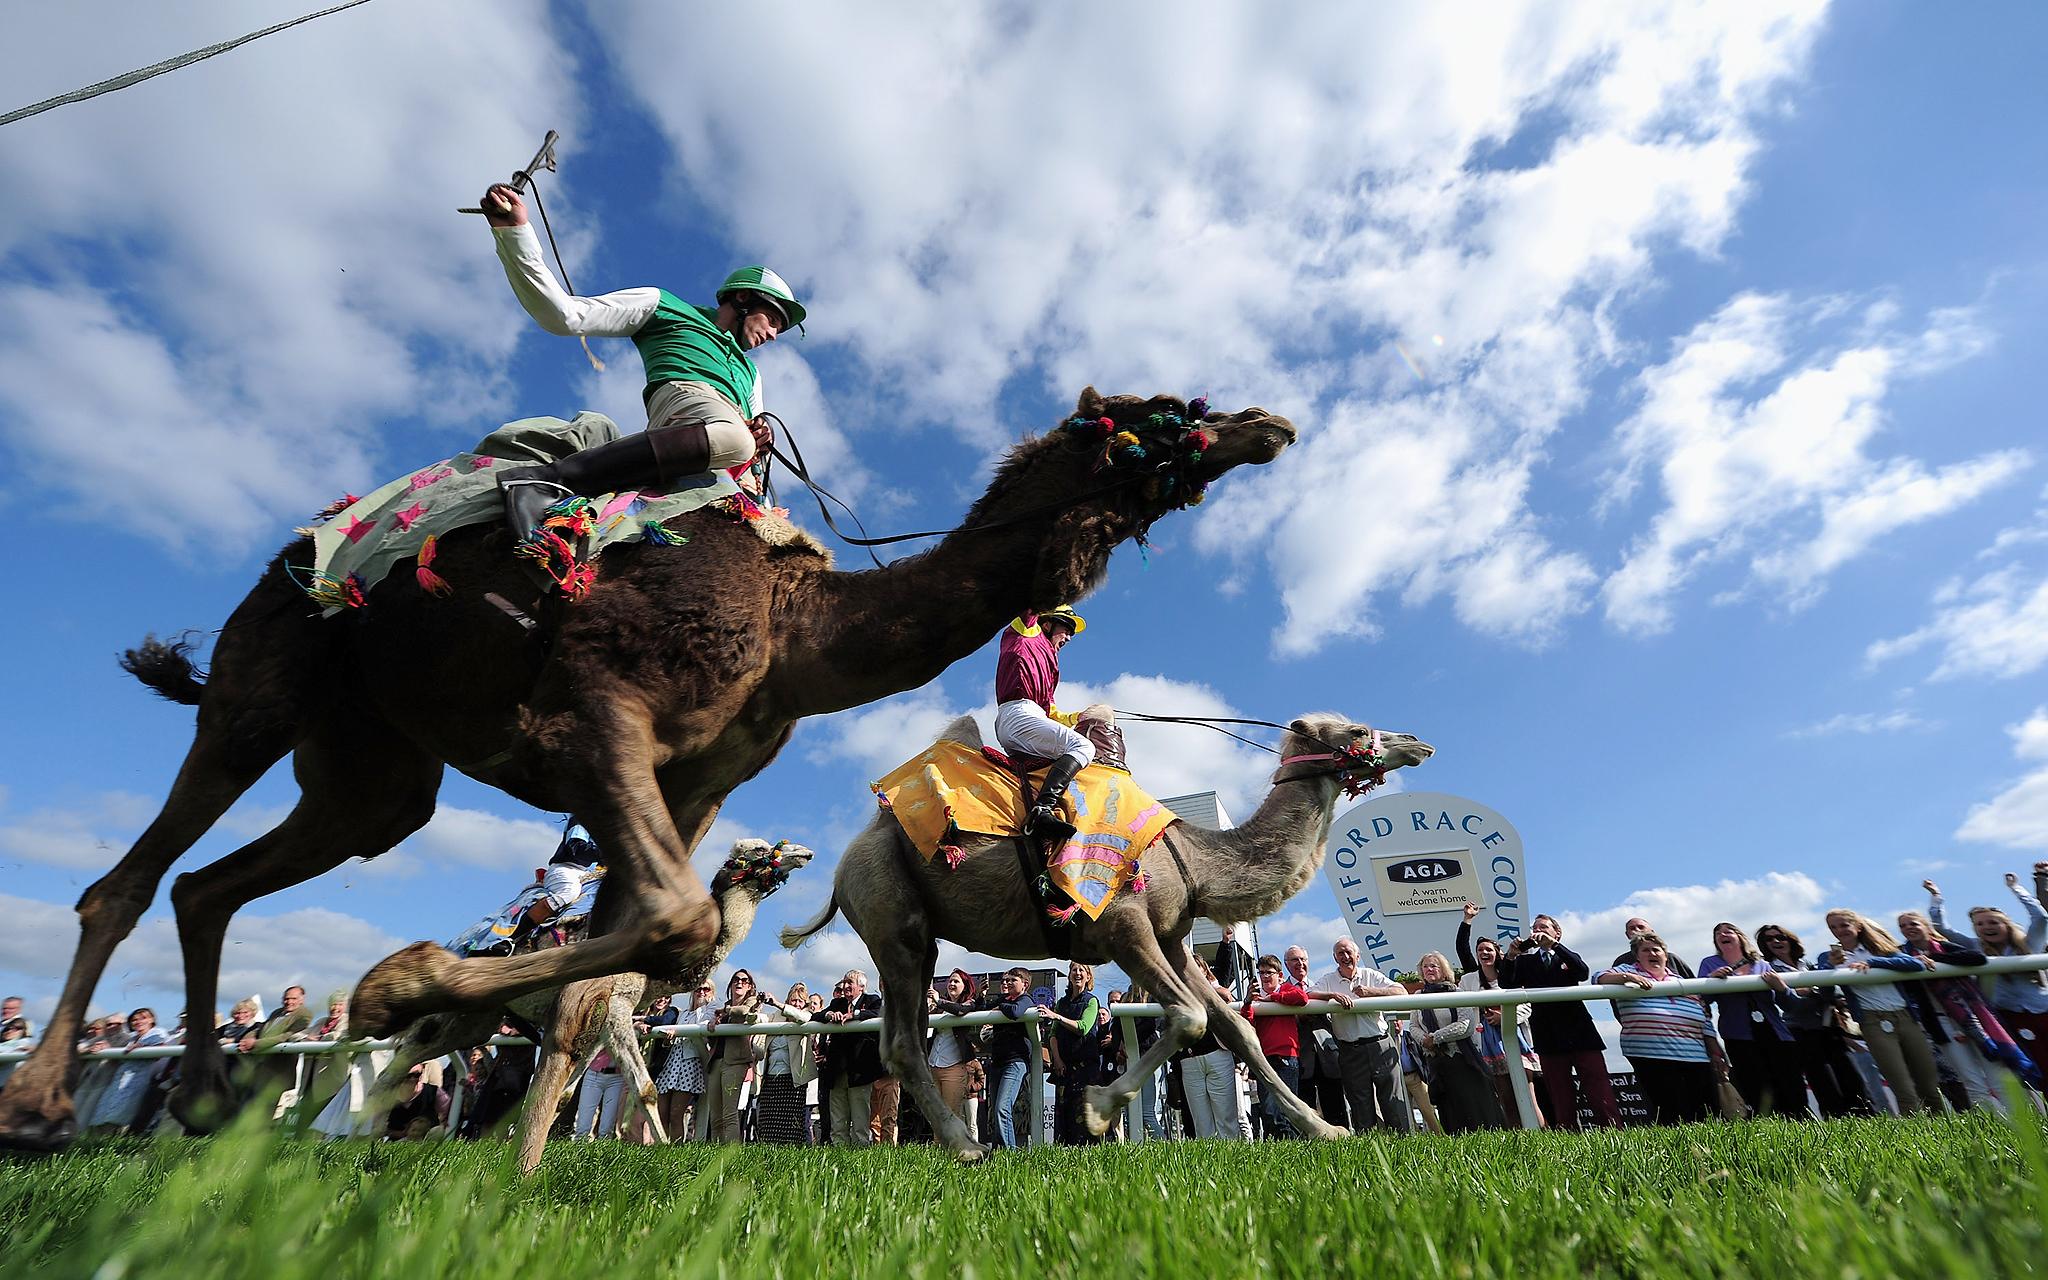 Kentucky Camel Derby